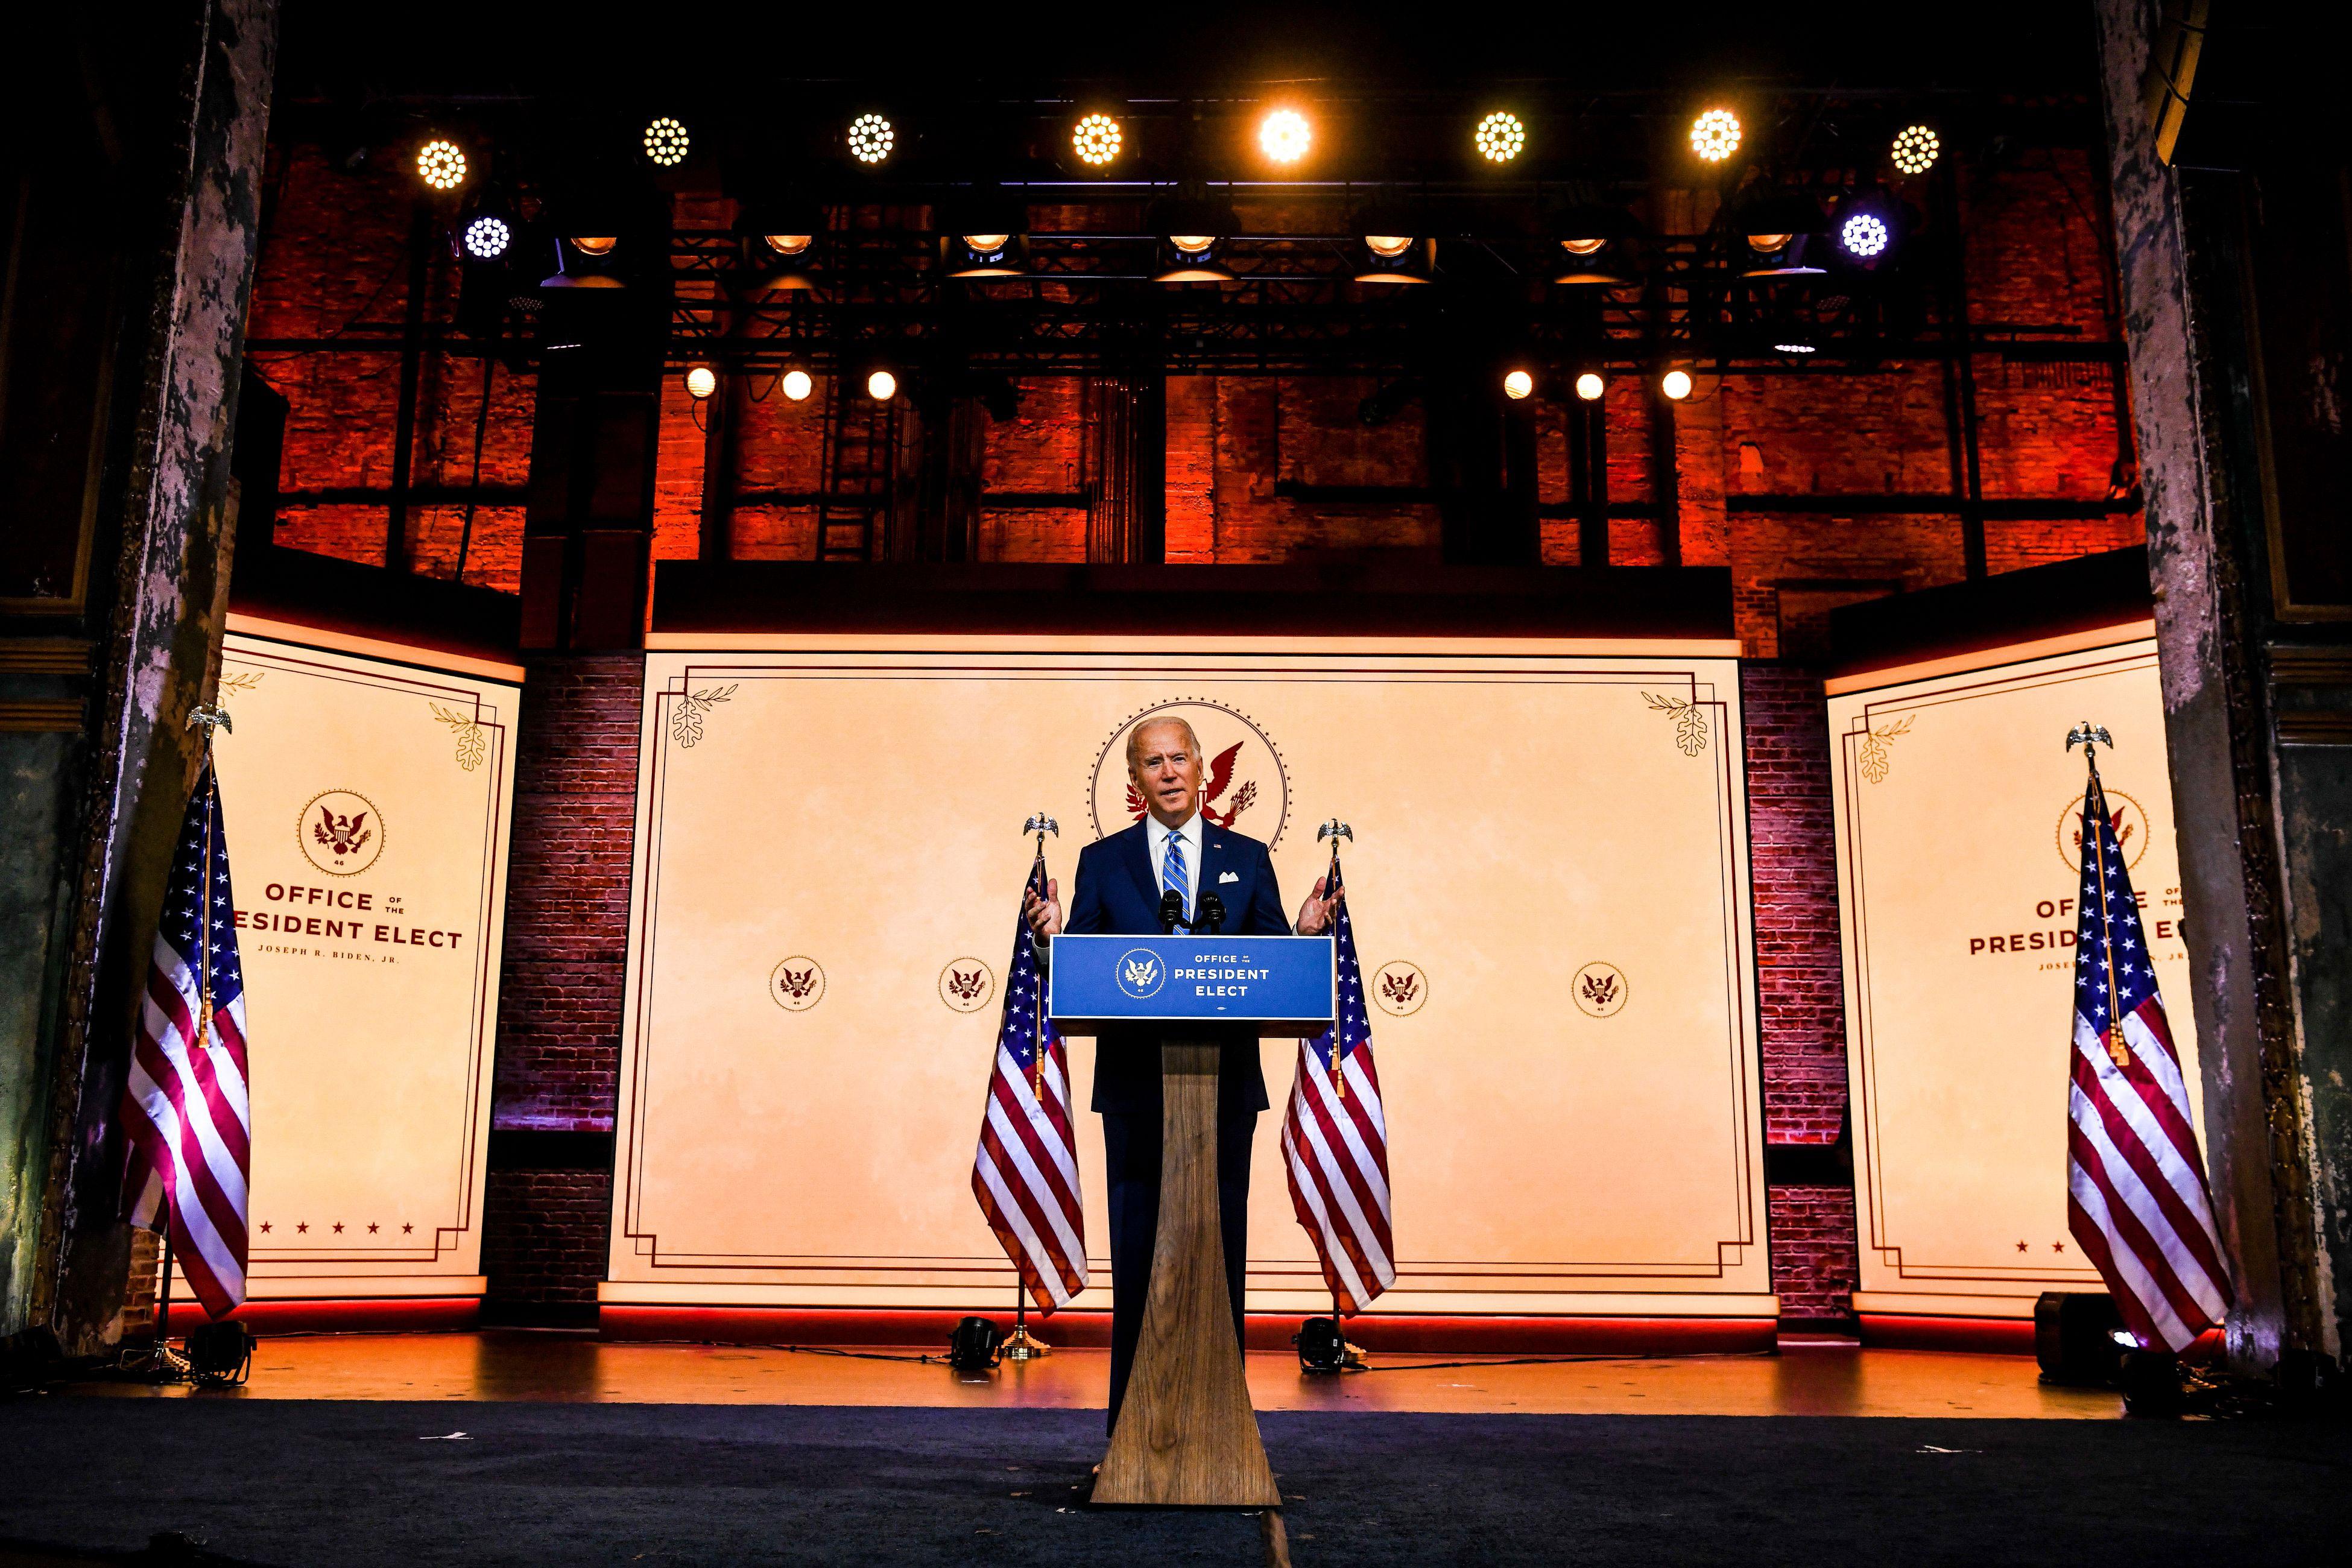 رئیس جمهور منتخب جو بایدن در تاریخ 25 نوامبر سخنرانی شکرگذاری را در تئاتر Queen در ویلمینگتون ، دلاور ارائه داد.